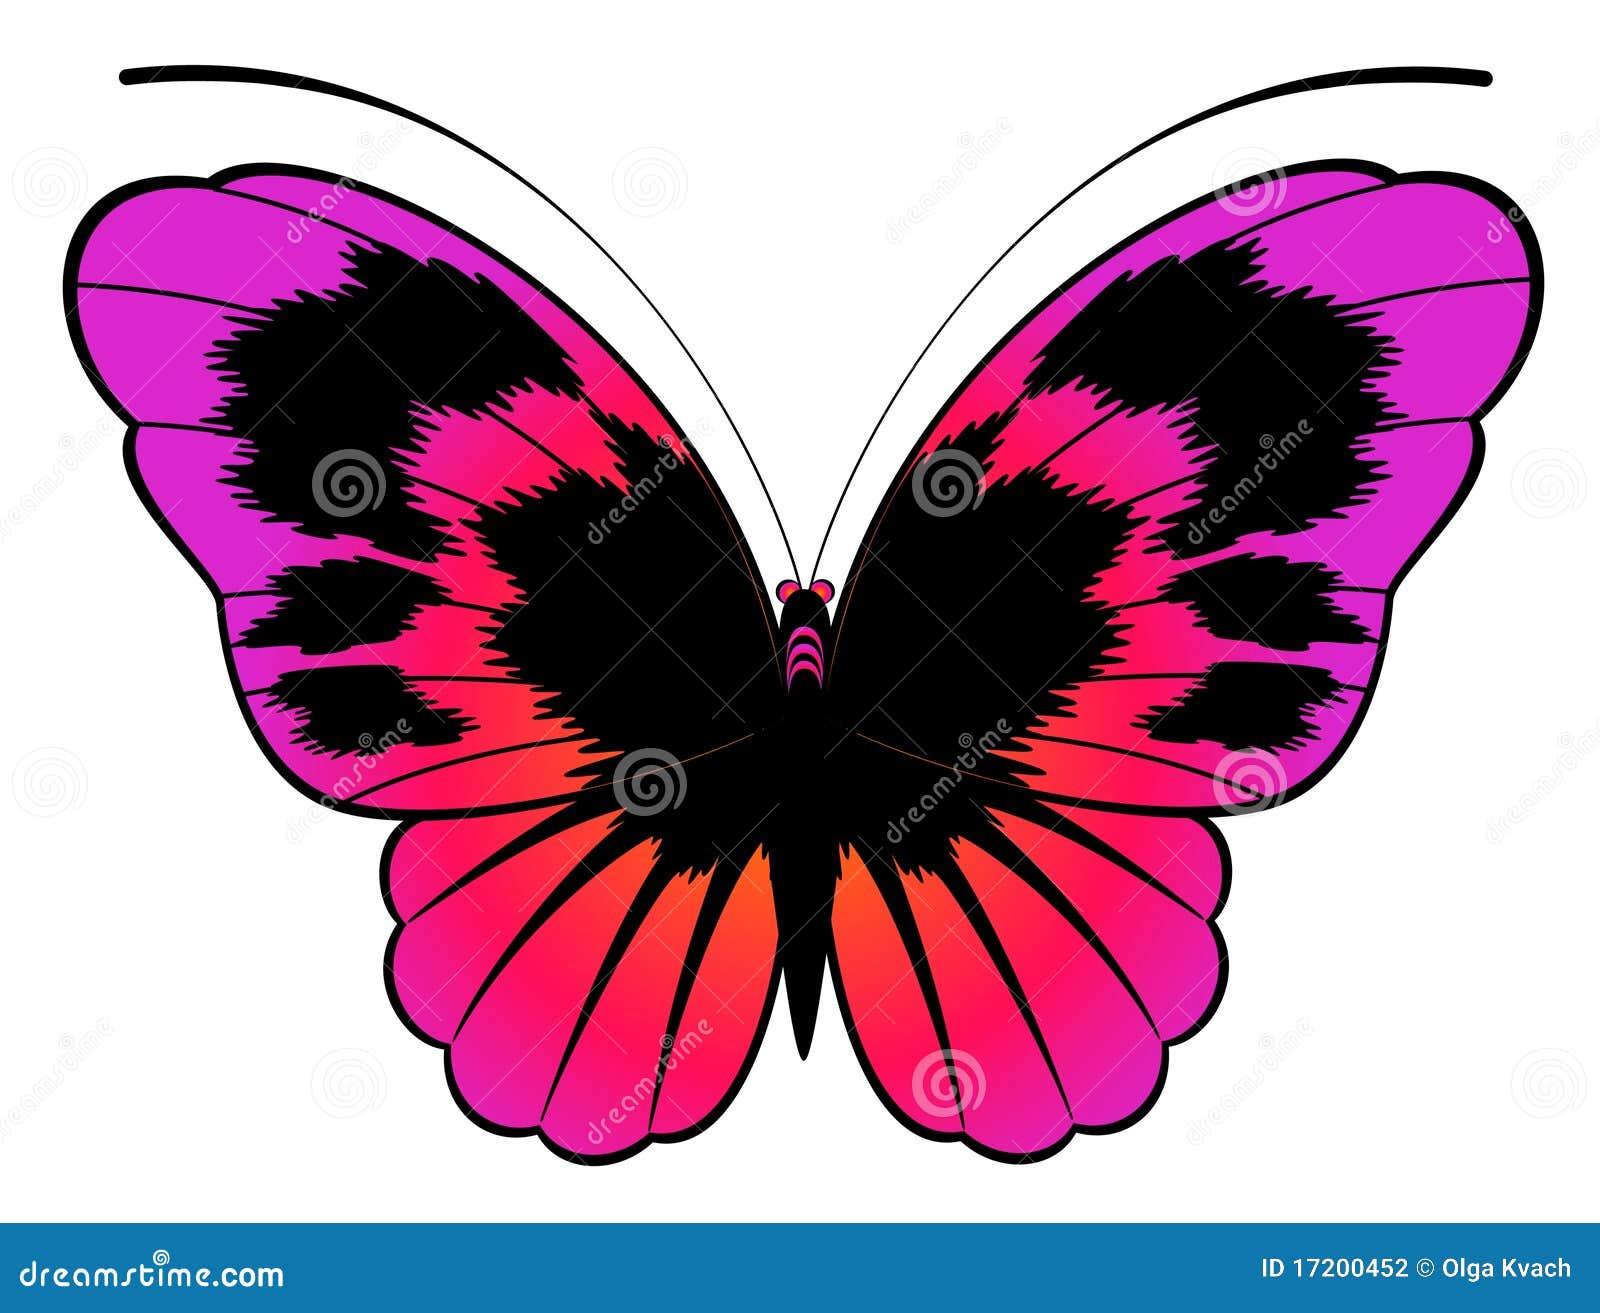 Bella farfalla per un disegno fotografia stock immagine for Immagine di un disegno di architetto